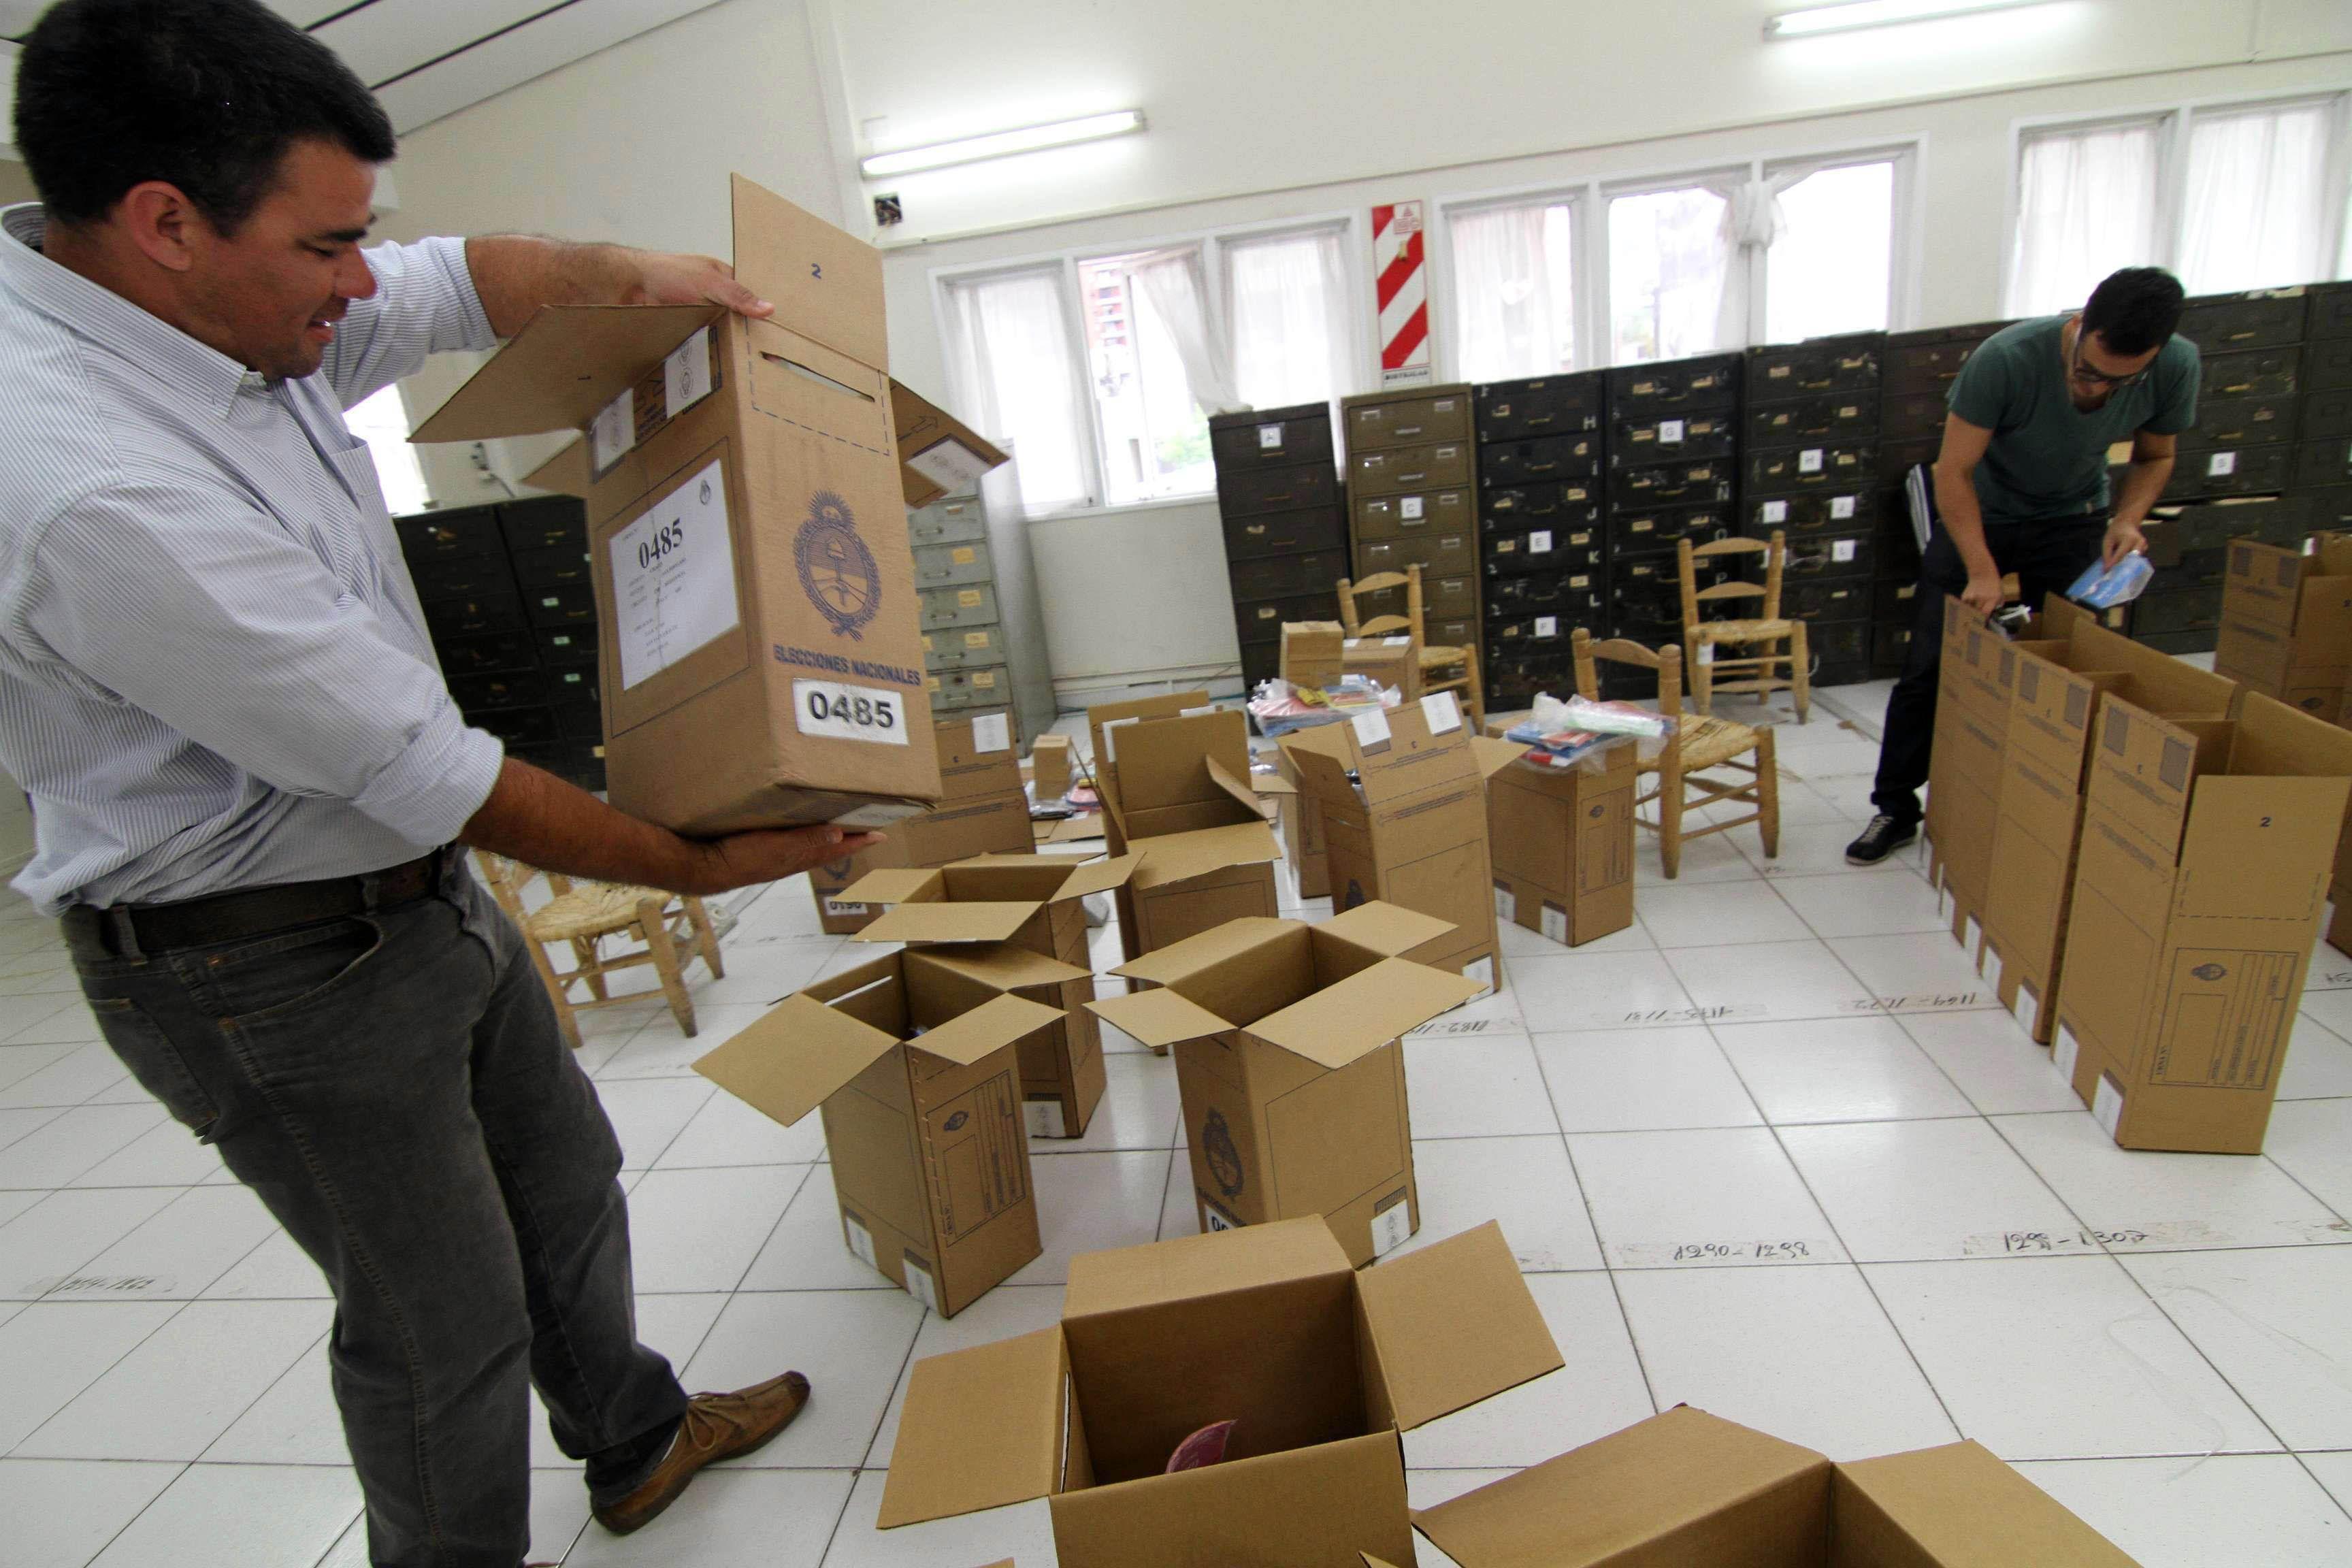 Ayer comenzaron los preparativos electorales con las urnas a utilizar en todo el país.